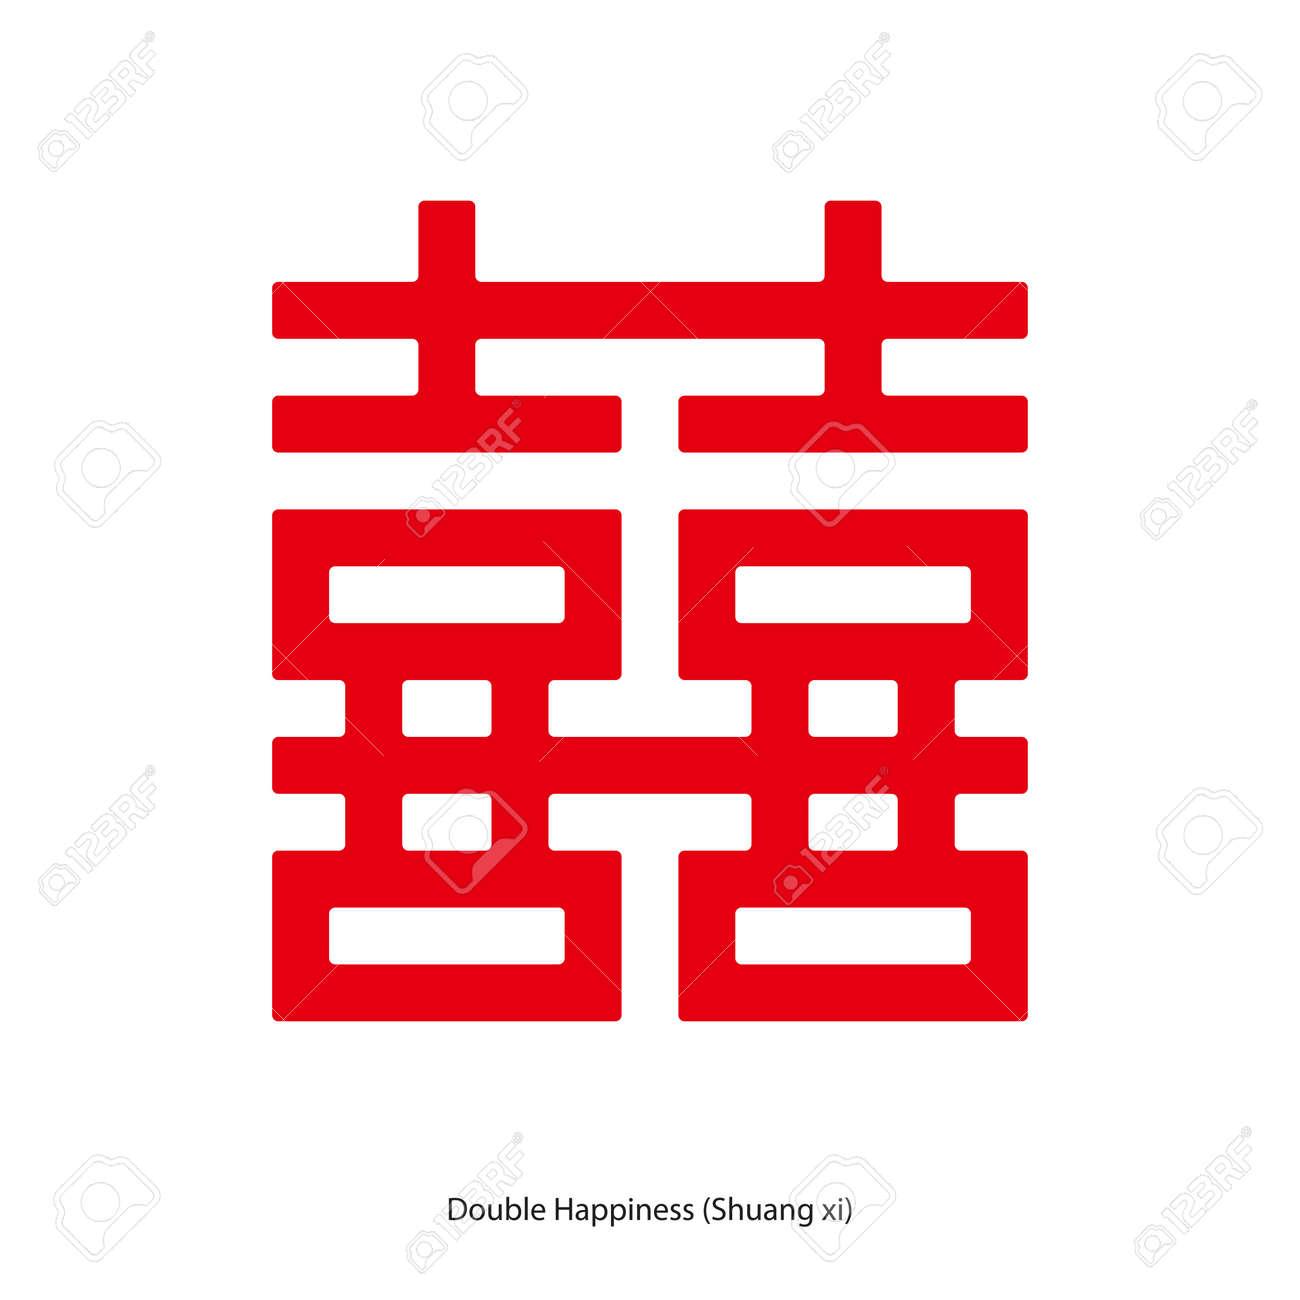 Connu Caractère Chinois Double Bonheur En Forme Carrée. Chinois  FS39